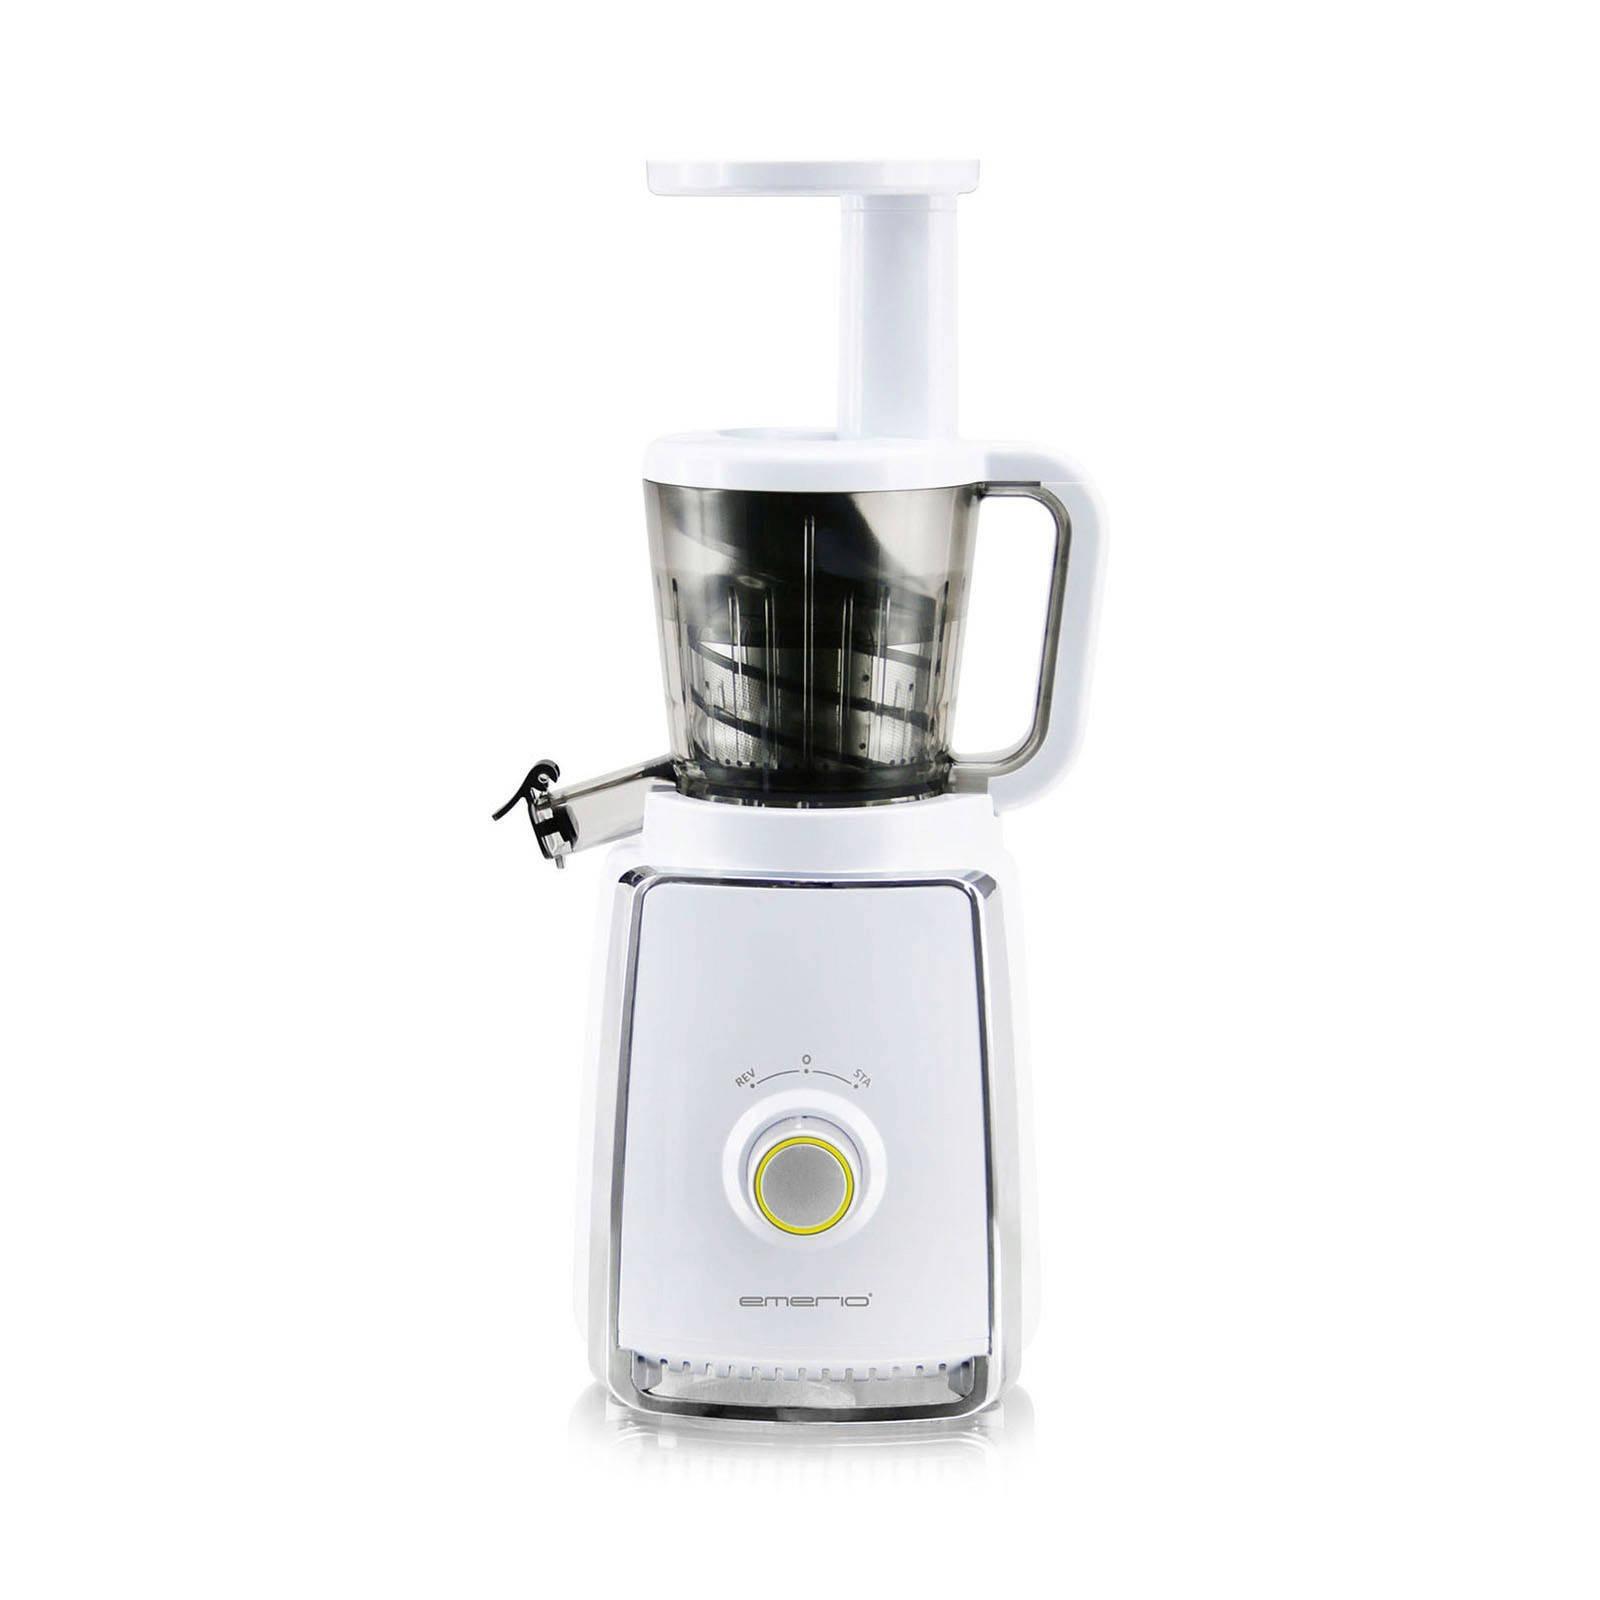 Emerio SJ-110659.1 Slowjuicer 150W Limoen, Wit citruspers/sapmaker online kopen